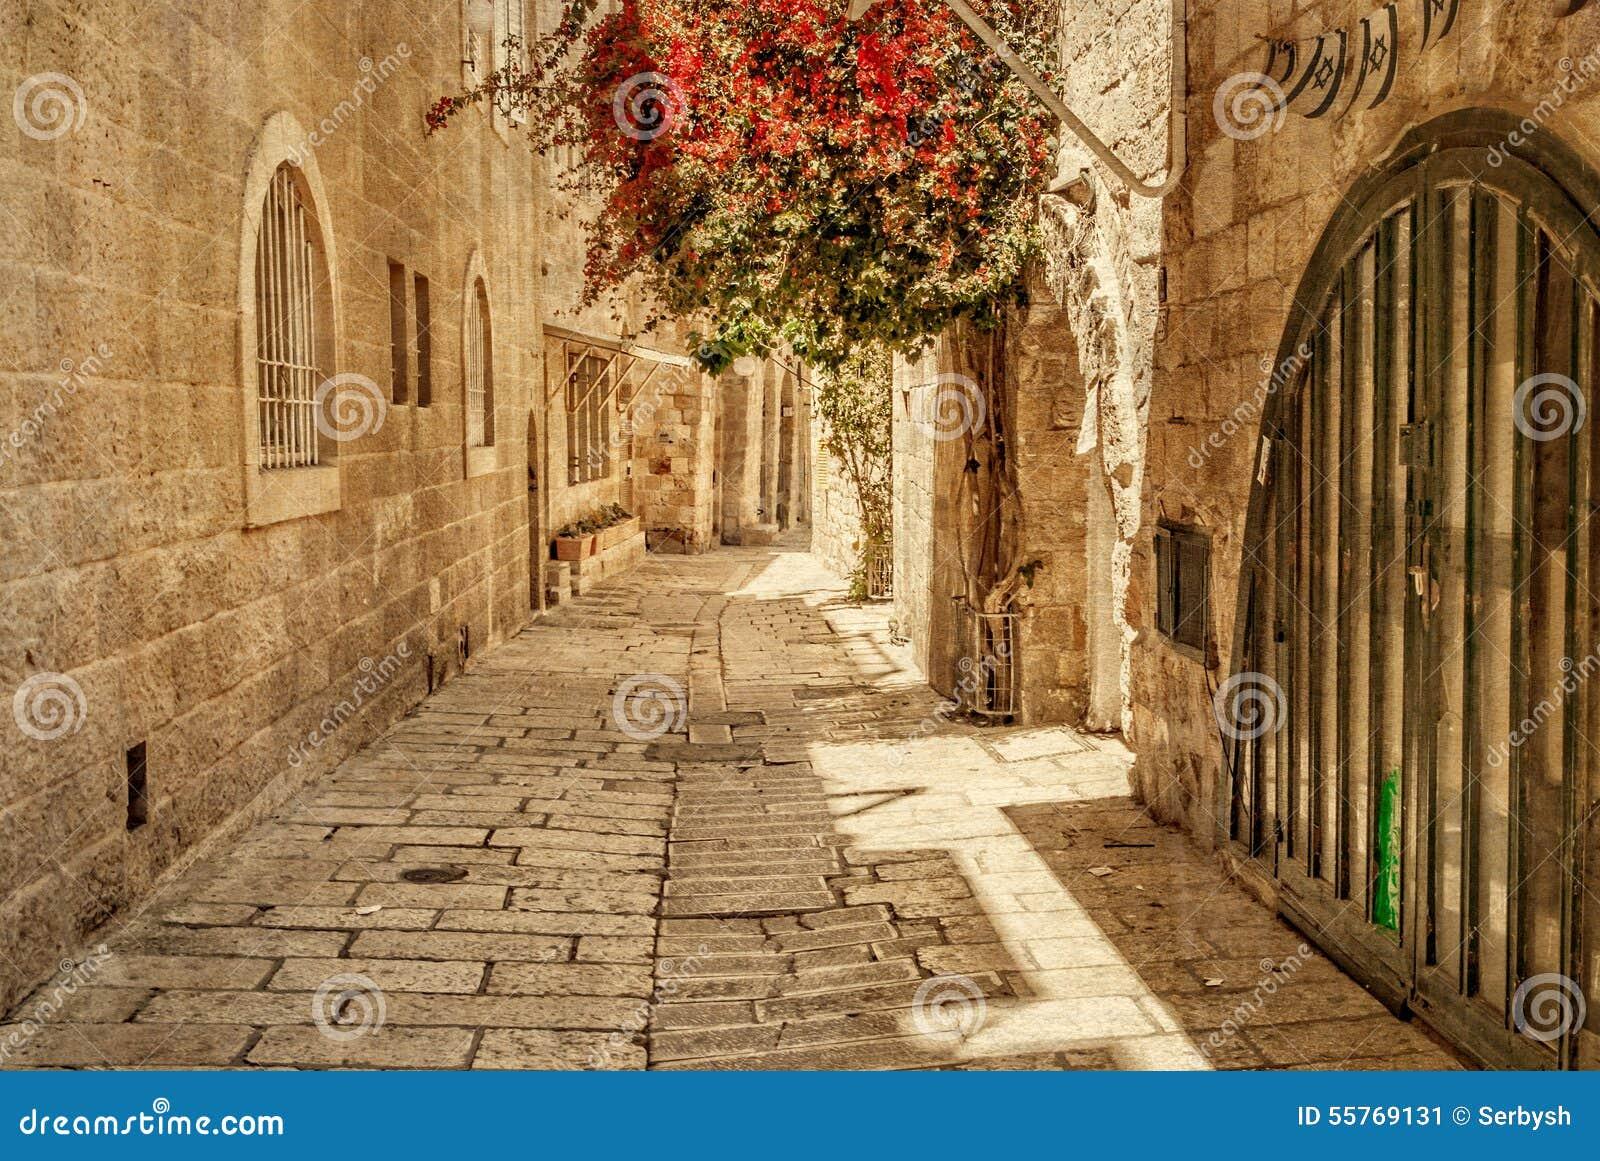 Callejón antiguo en el cuarto judío, Jerusalén